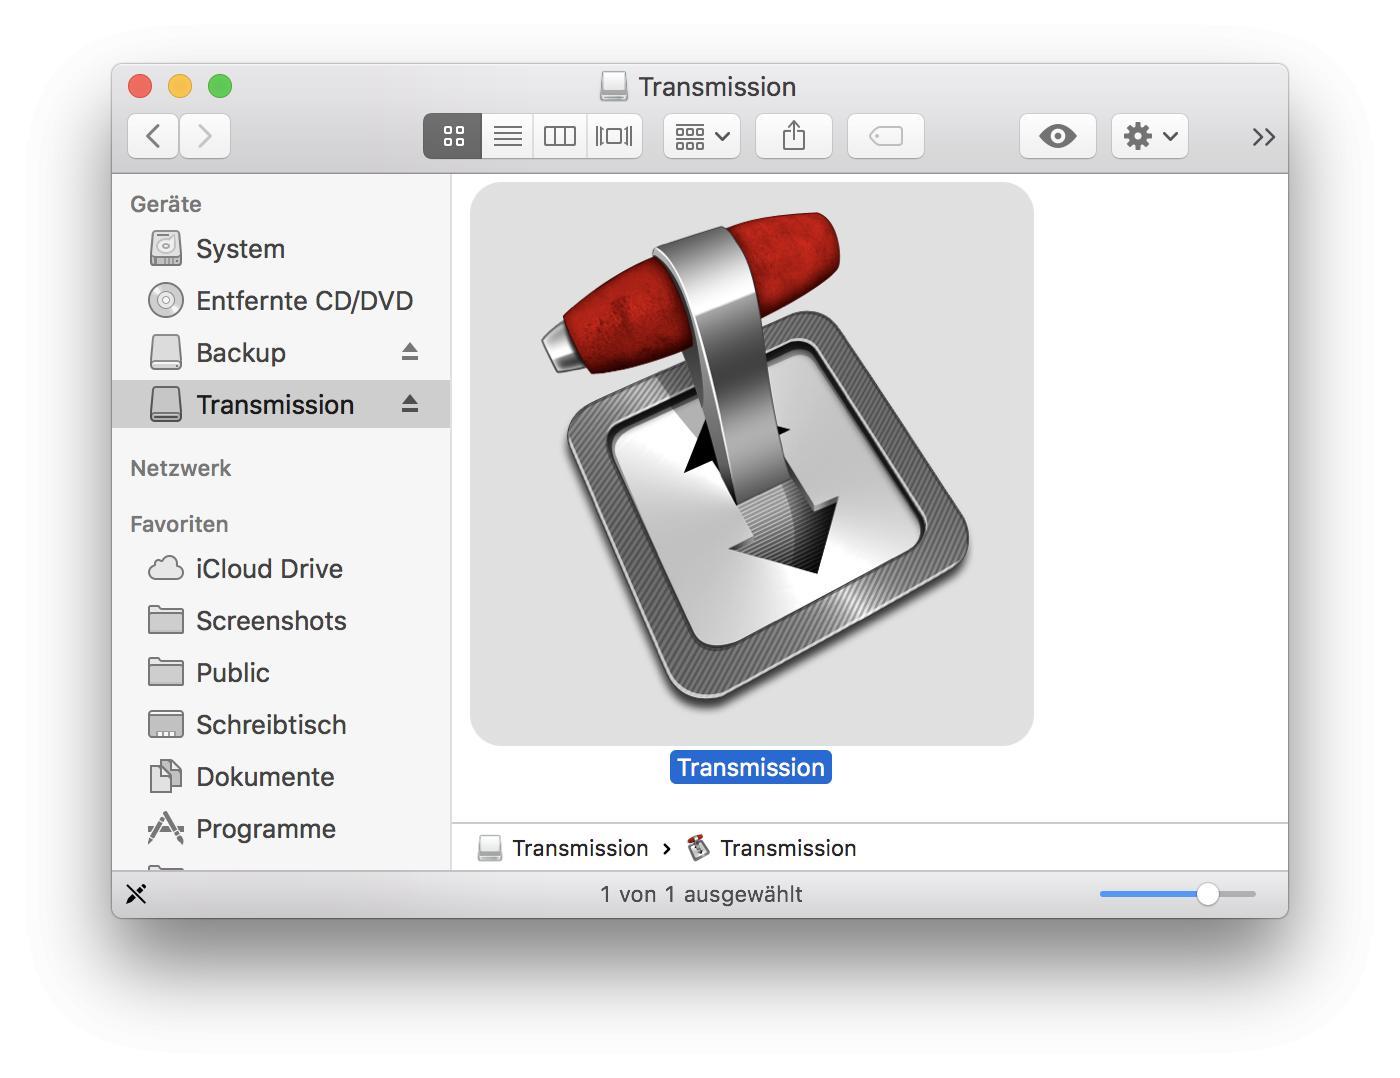 Transmission installiert Ihr, indem Ihr das Disk-Image öffnet und die Datei in den Programme-Ordner kopiert.